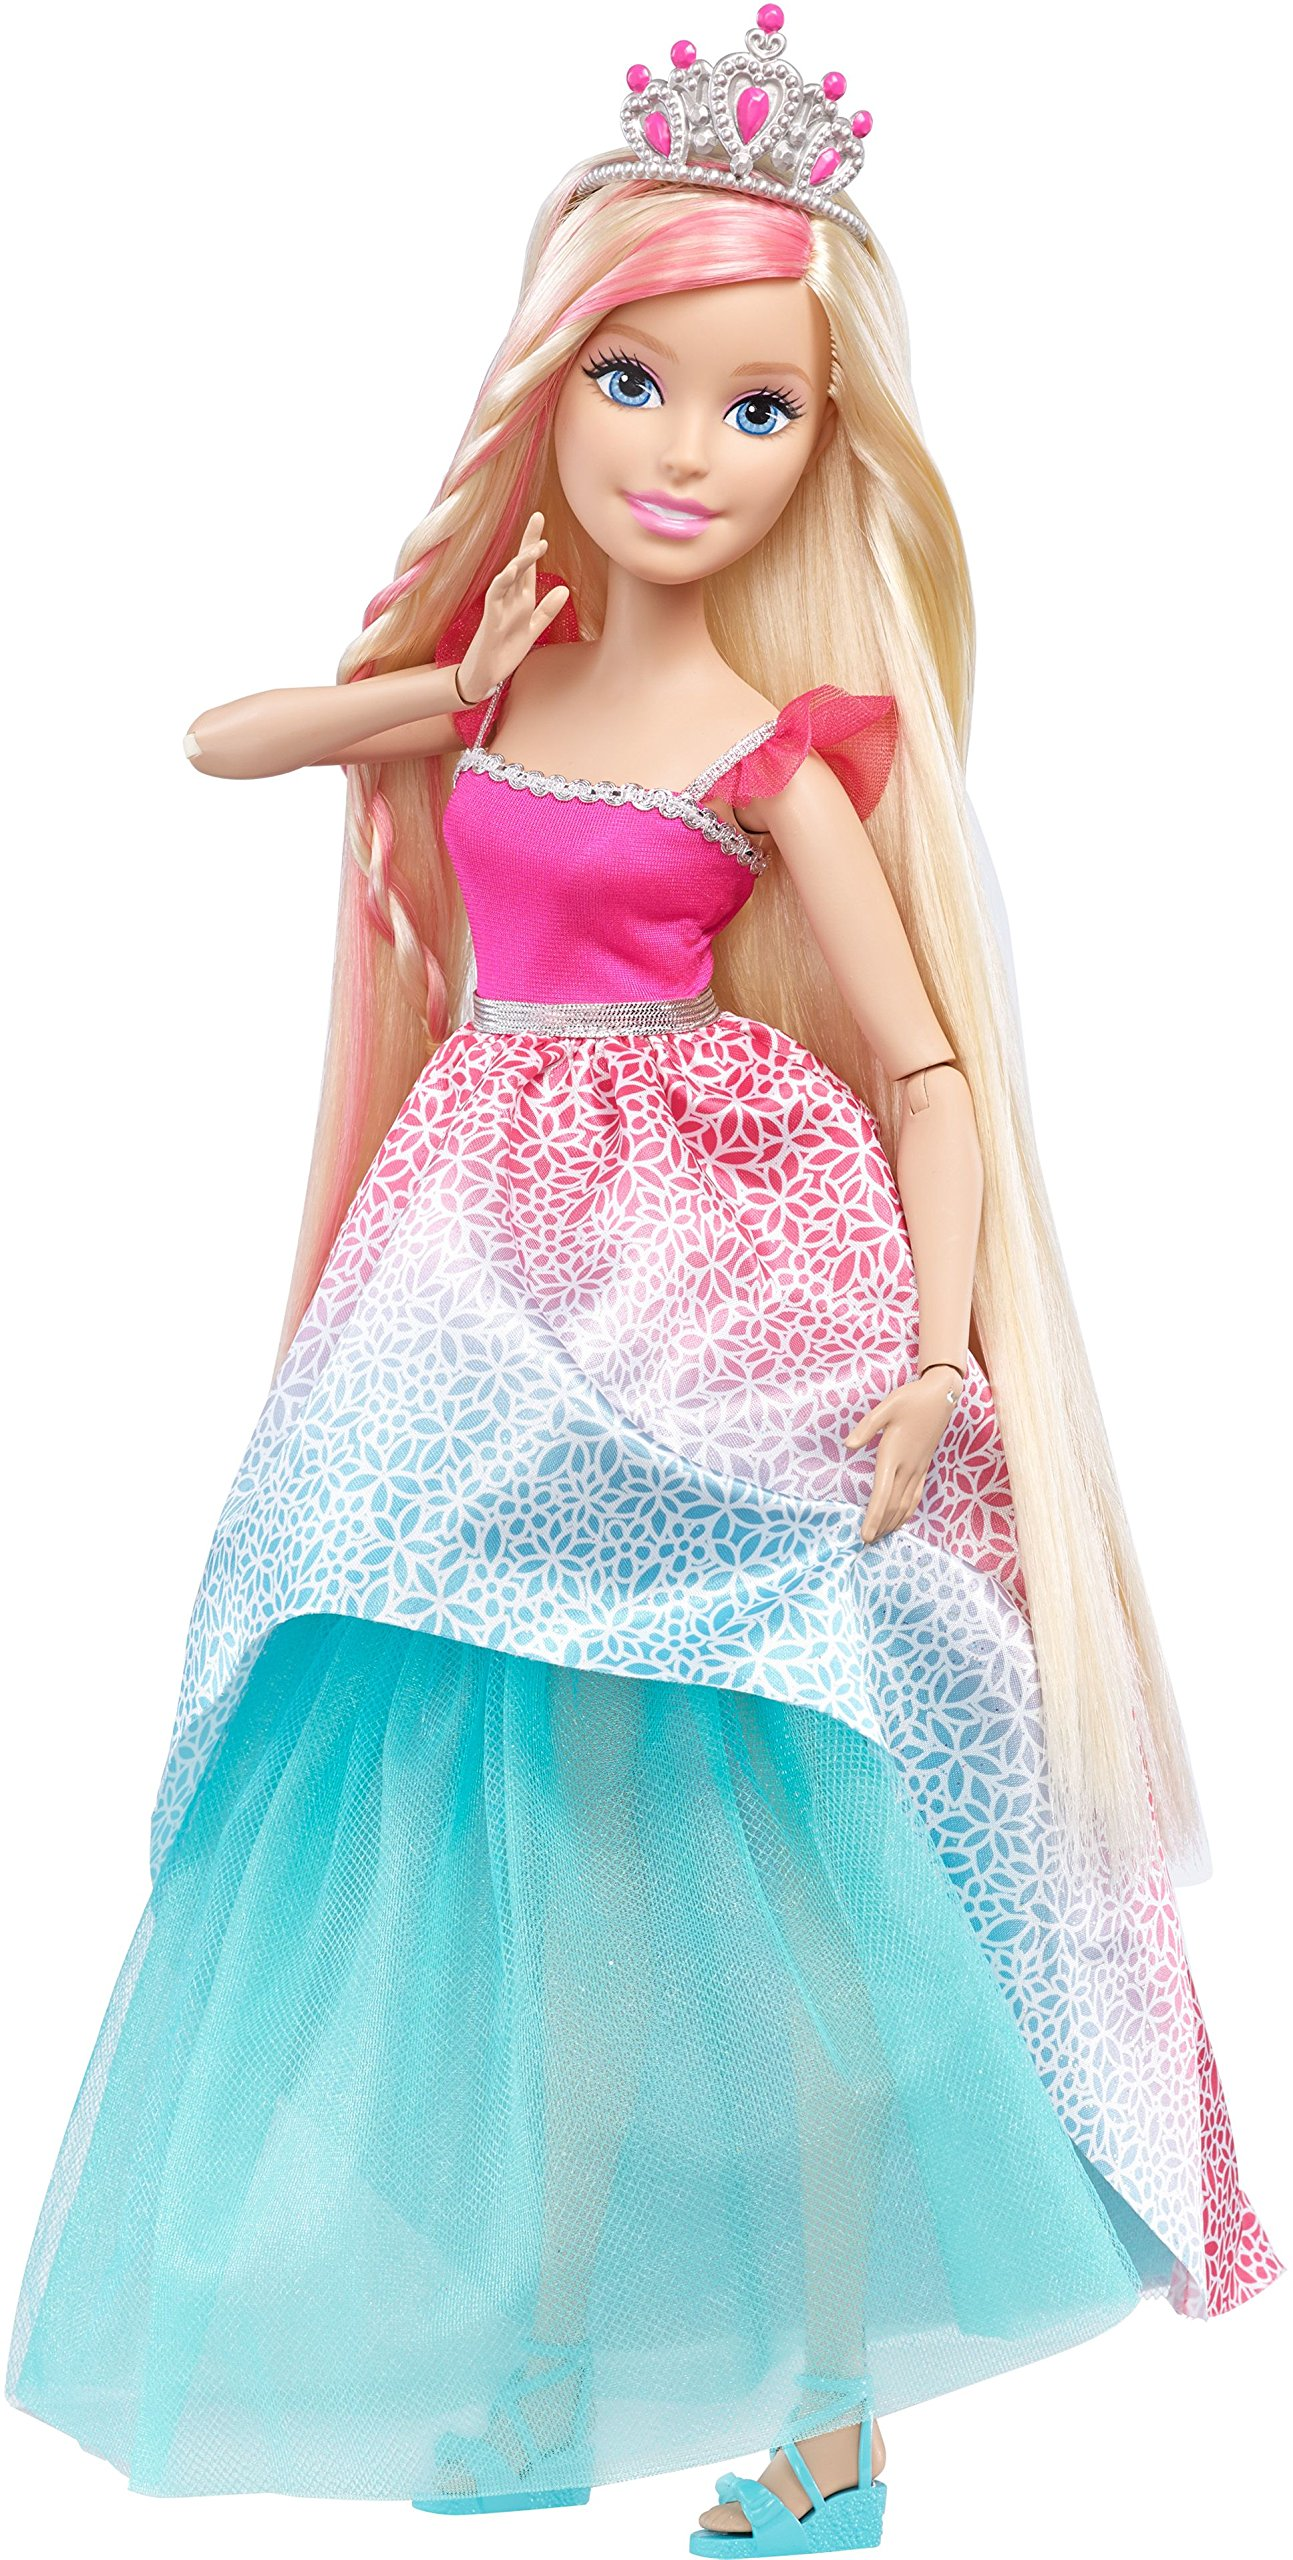 91OUjIasA4L Esta altísima princesa Barbie tiene una melena larga y accesorios de peluquería para divertirse durante horas Viene con un práctico cepillo que también sirve para guardar los accesorios Entre los accesorios de peluquería incluye tres cintas para el pelo con adornos como un lazo o flores, dos cepillos decorados y un pasador con un lazo